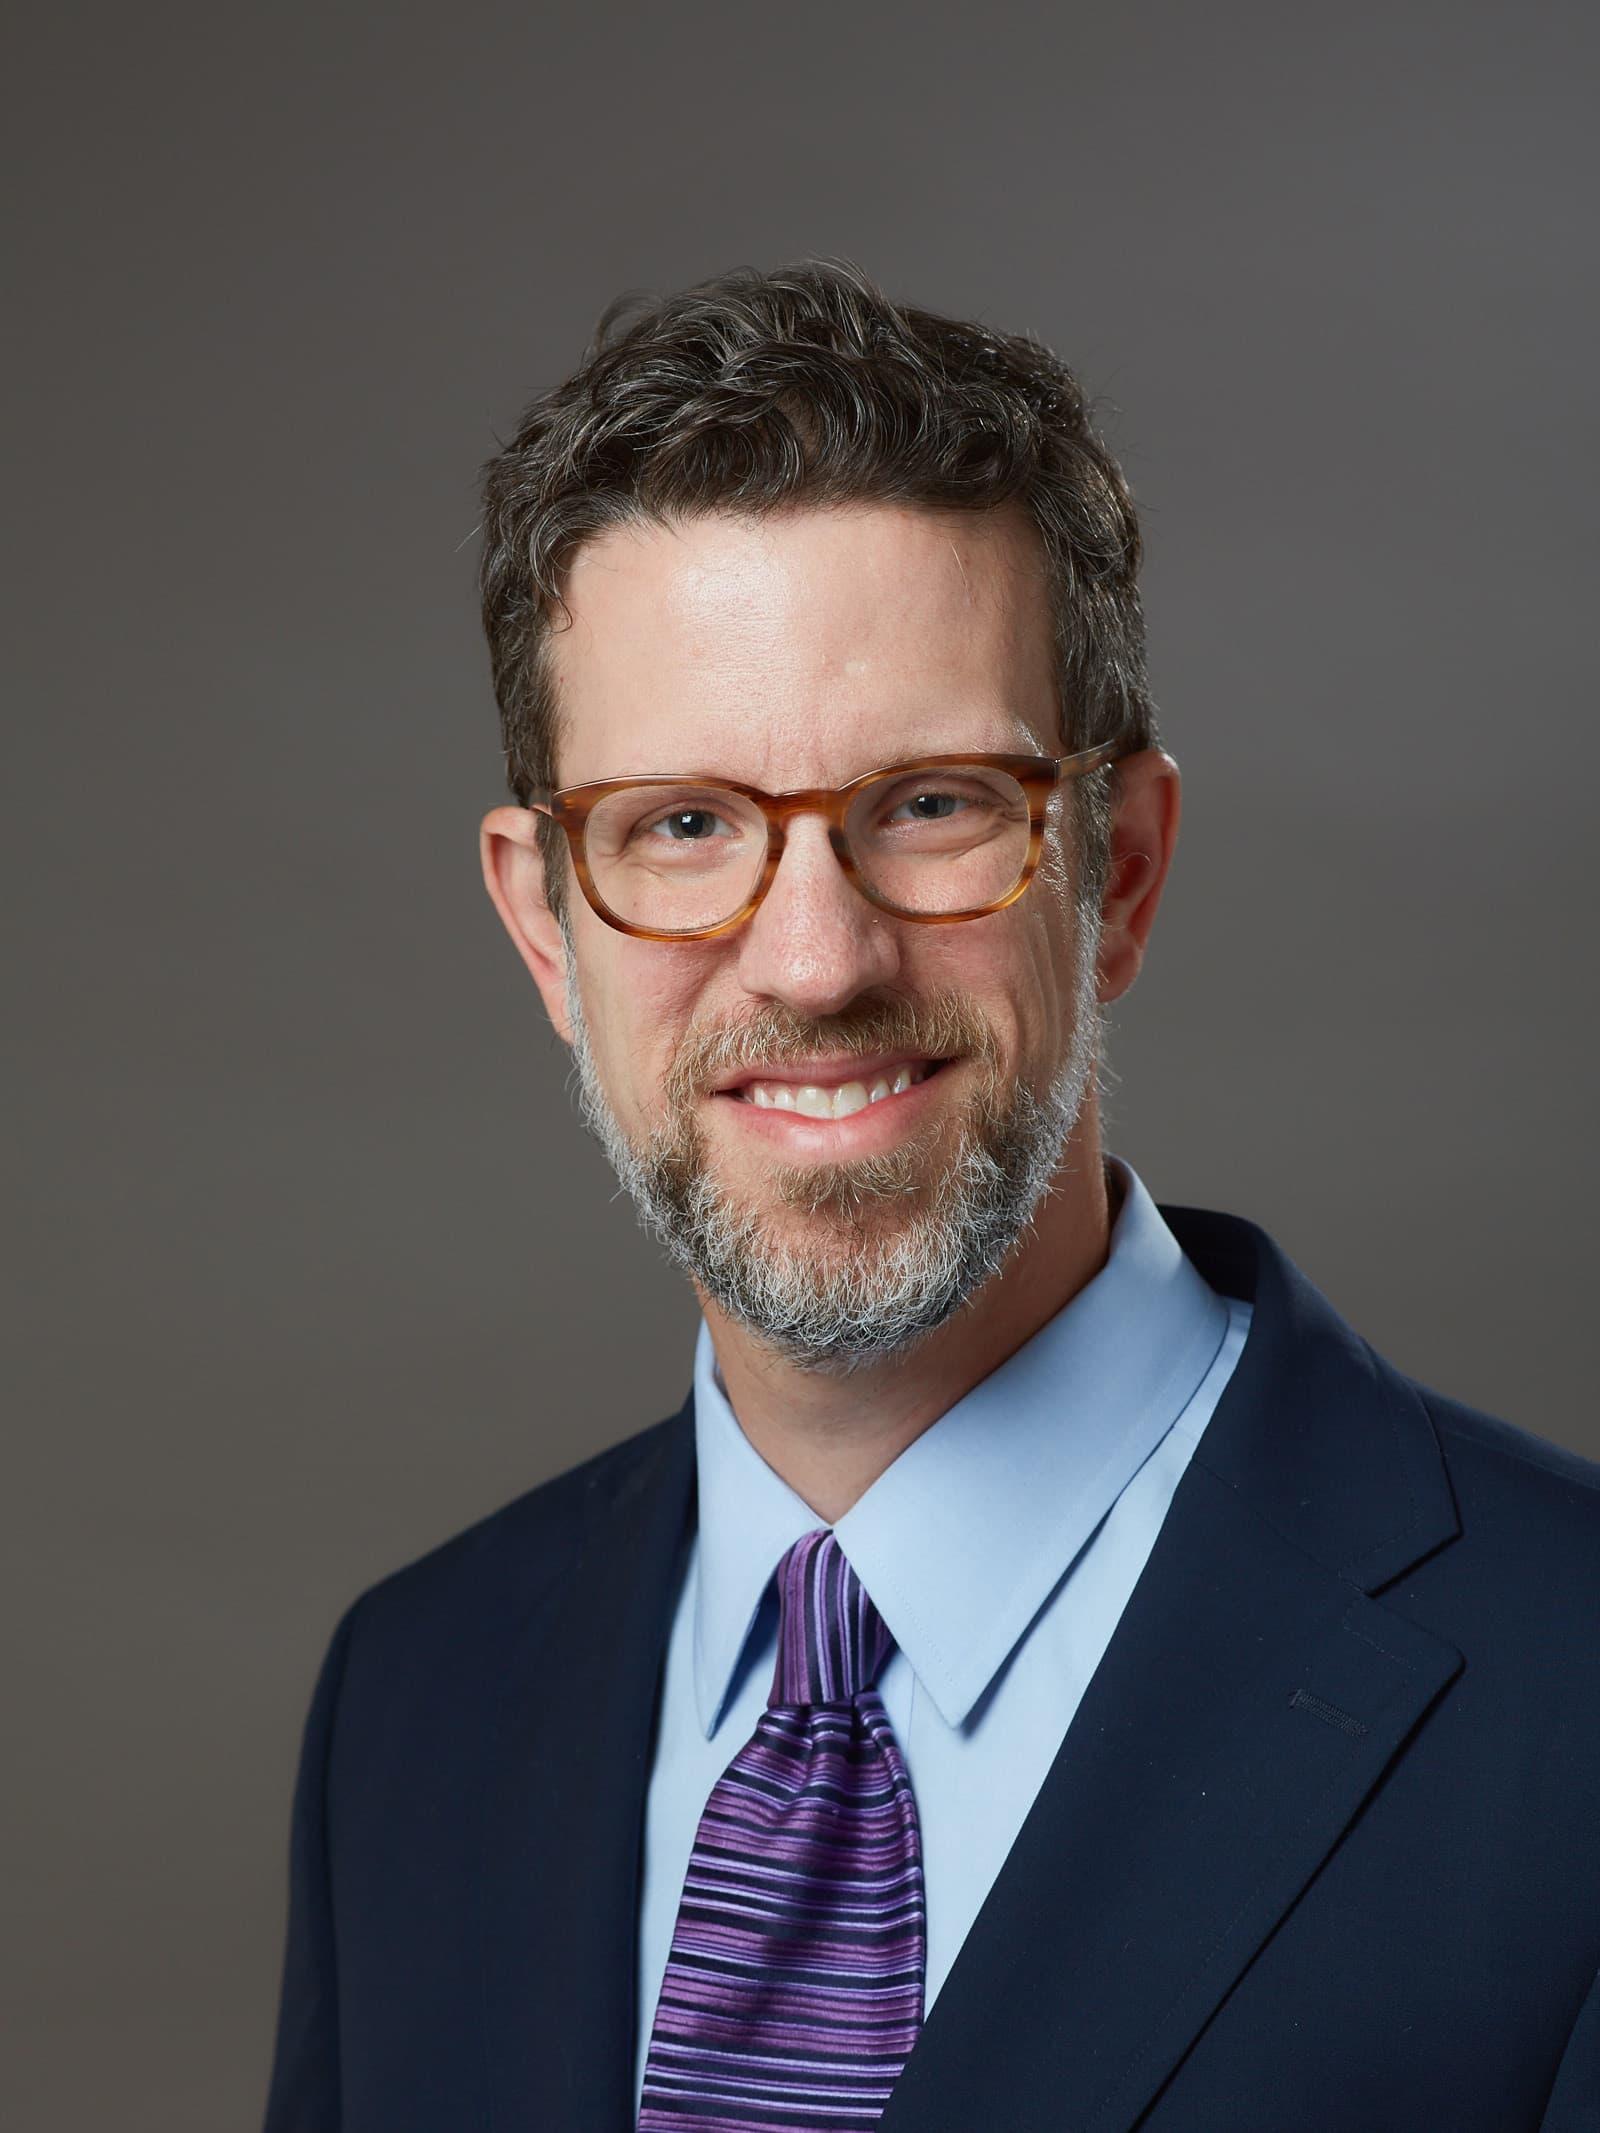 Craig Canapari